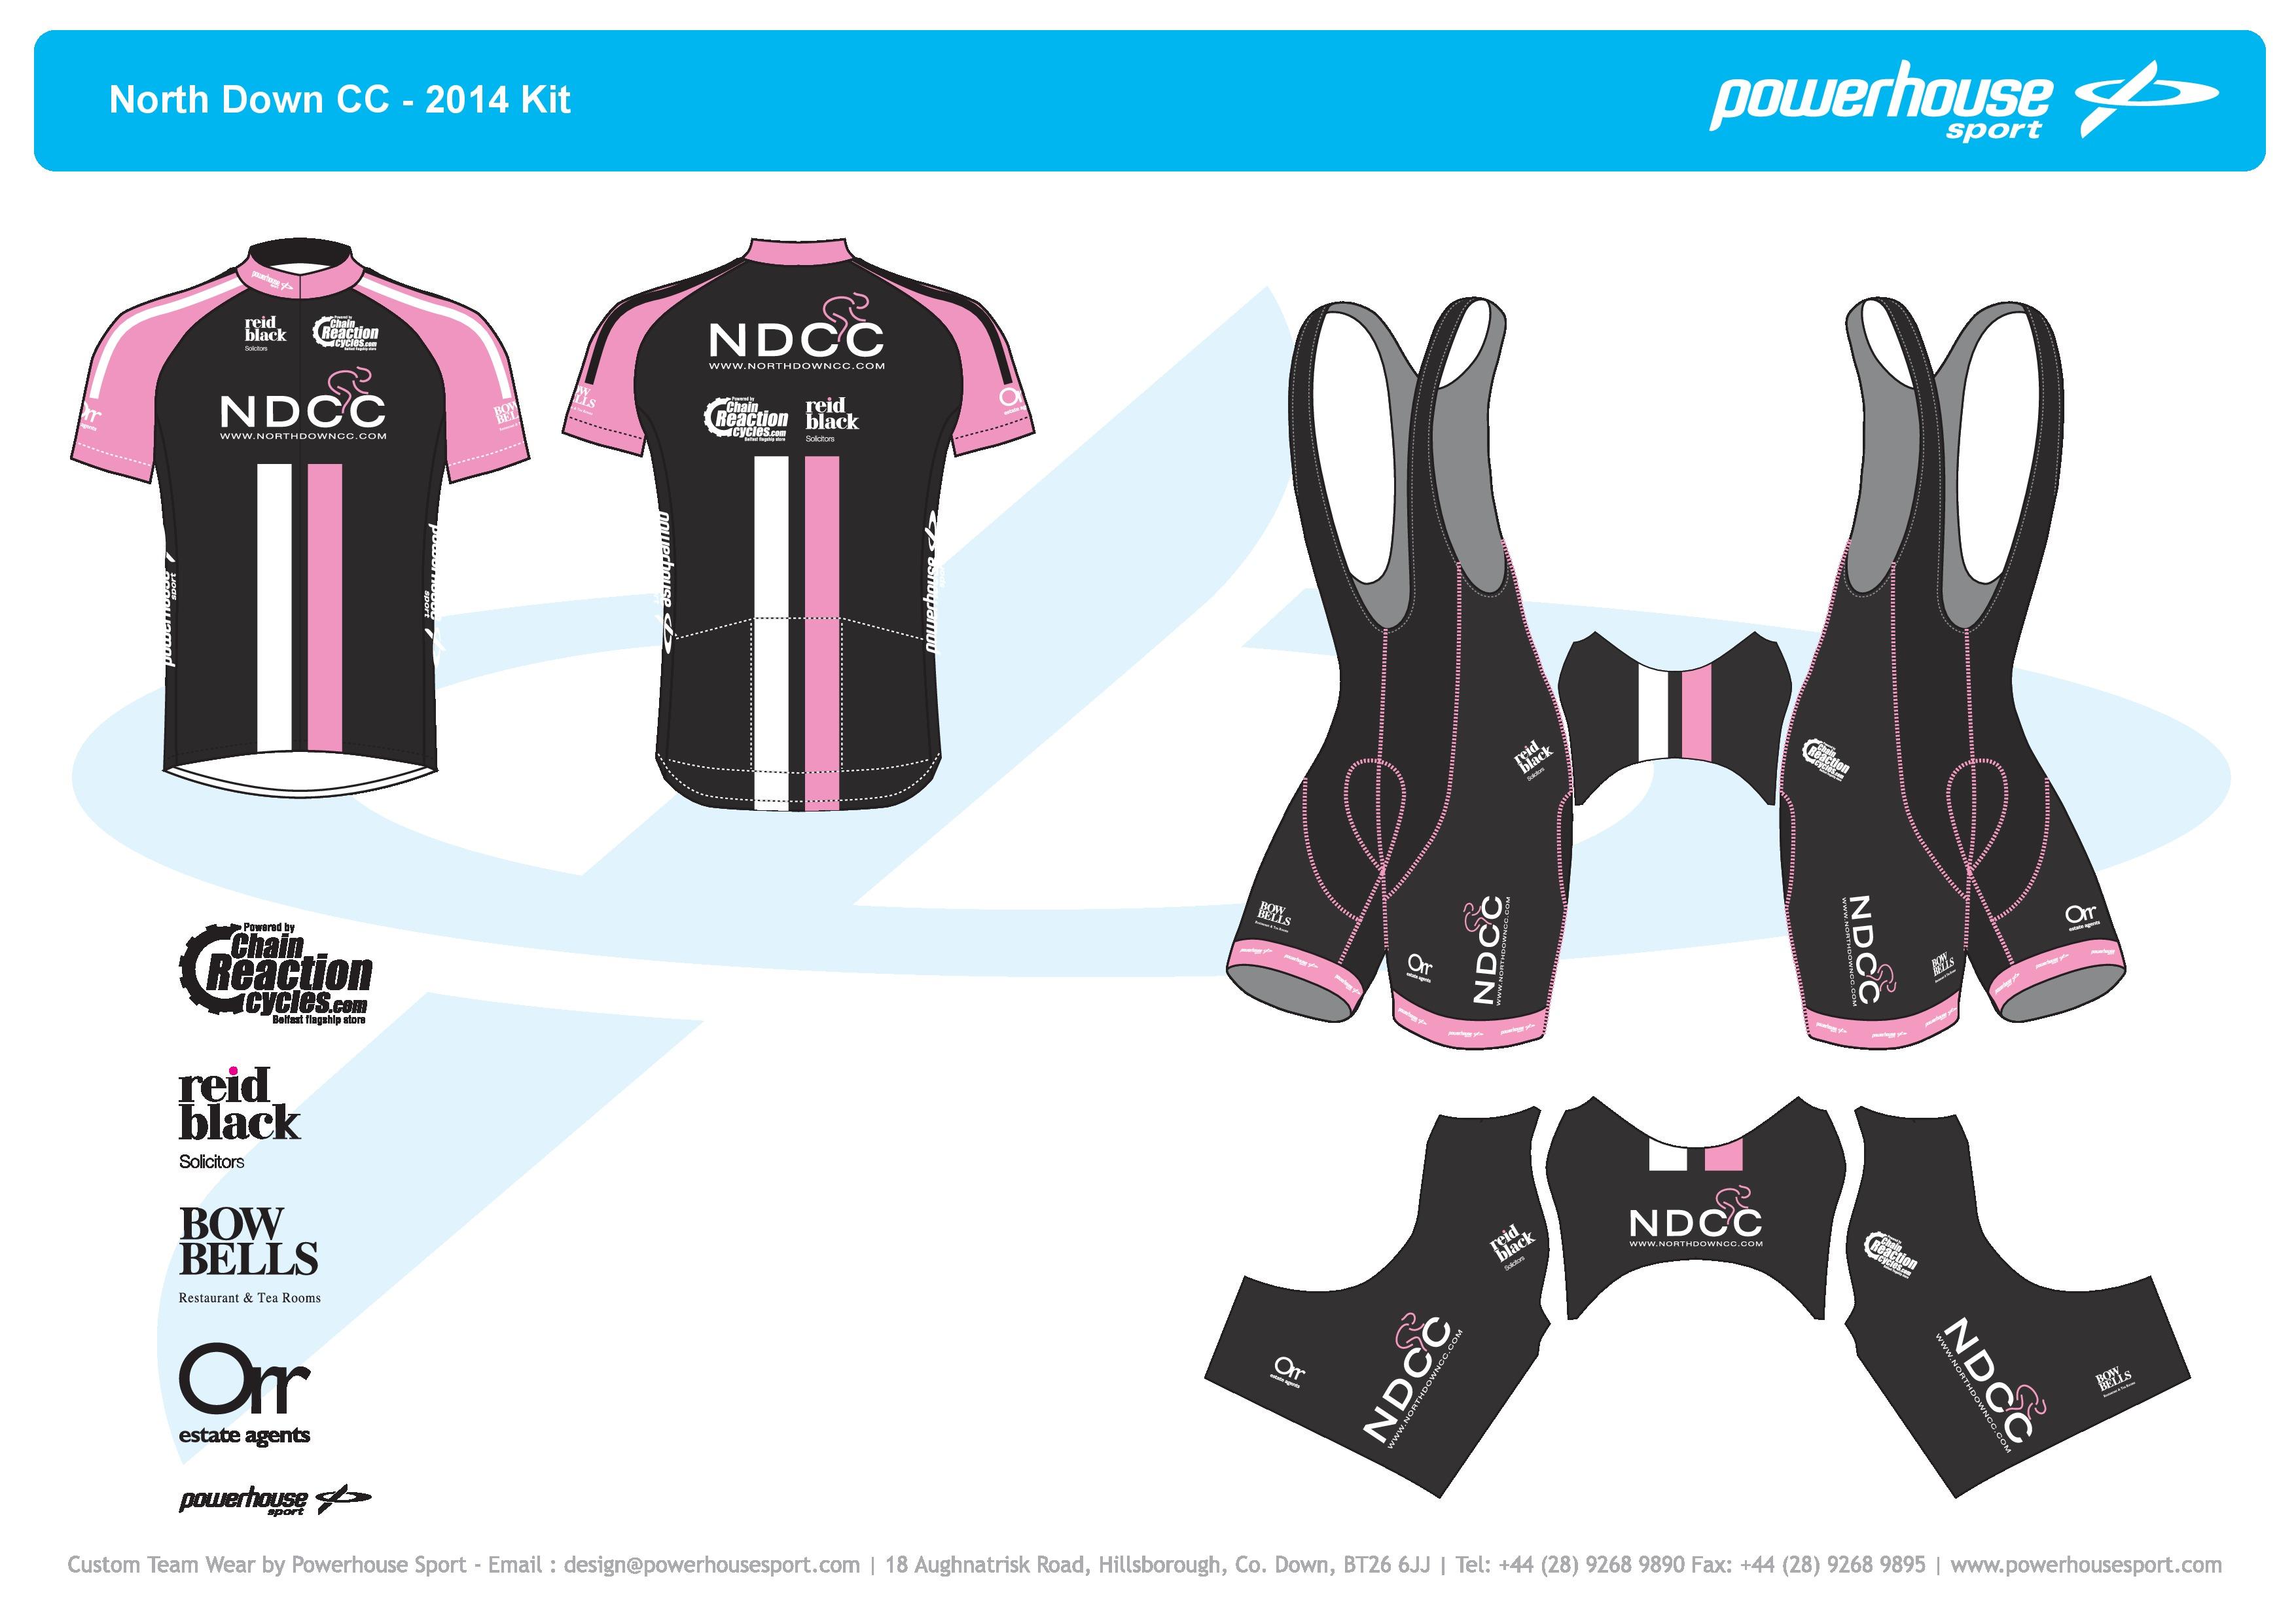 Club Kit 2014